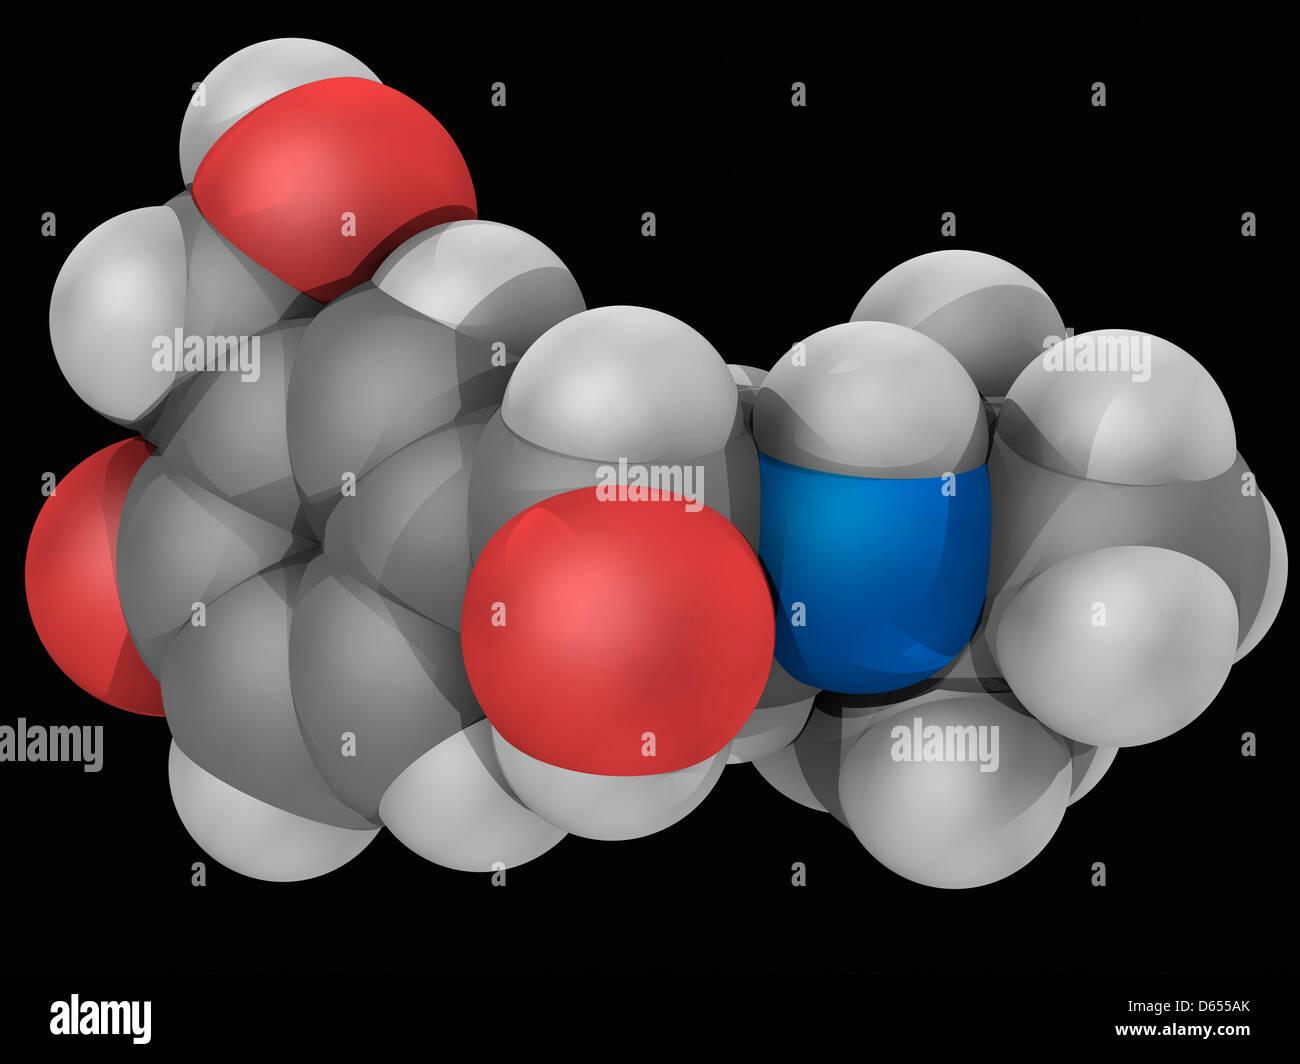 Salbutamol drug molecule Stock Photo